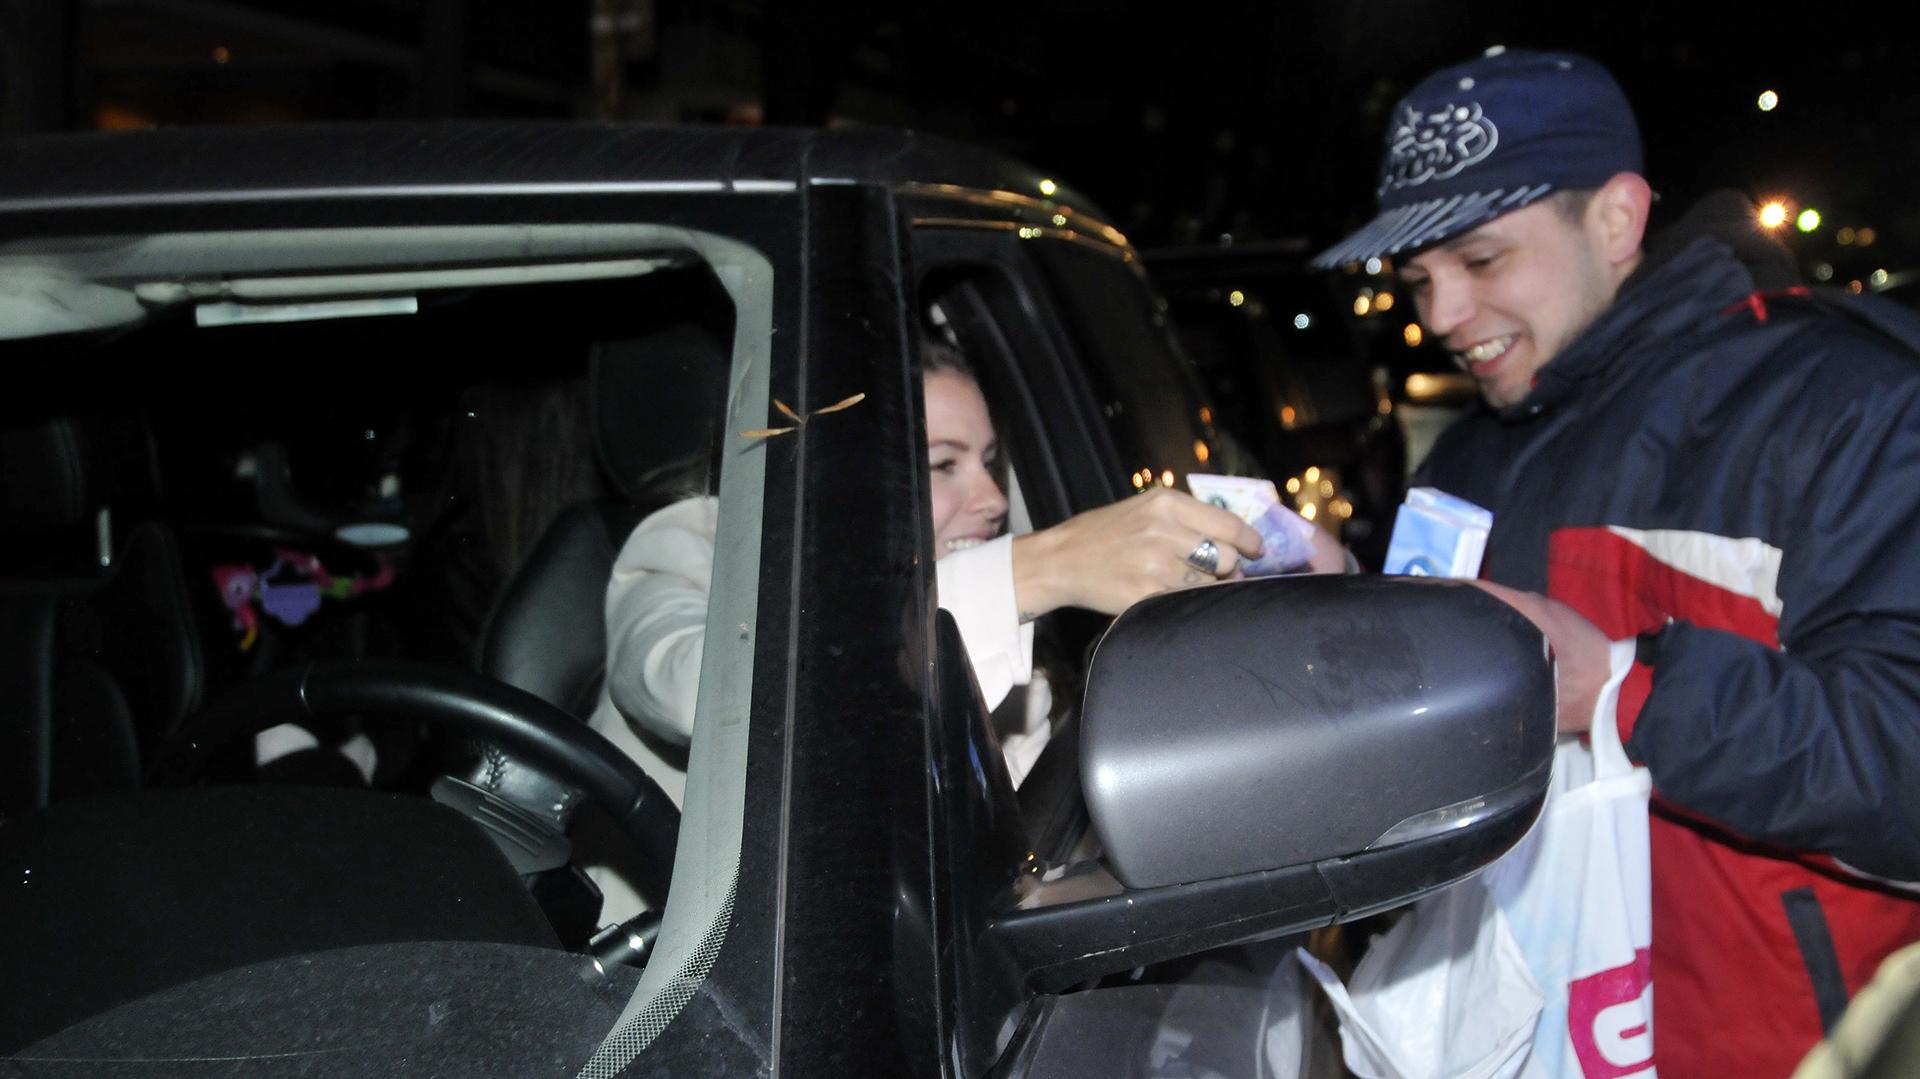 La actriz le compró pañuelos descartables a un vendedor ambulante